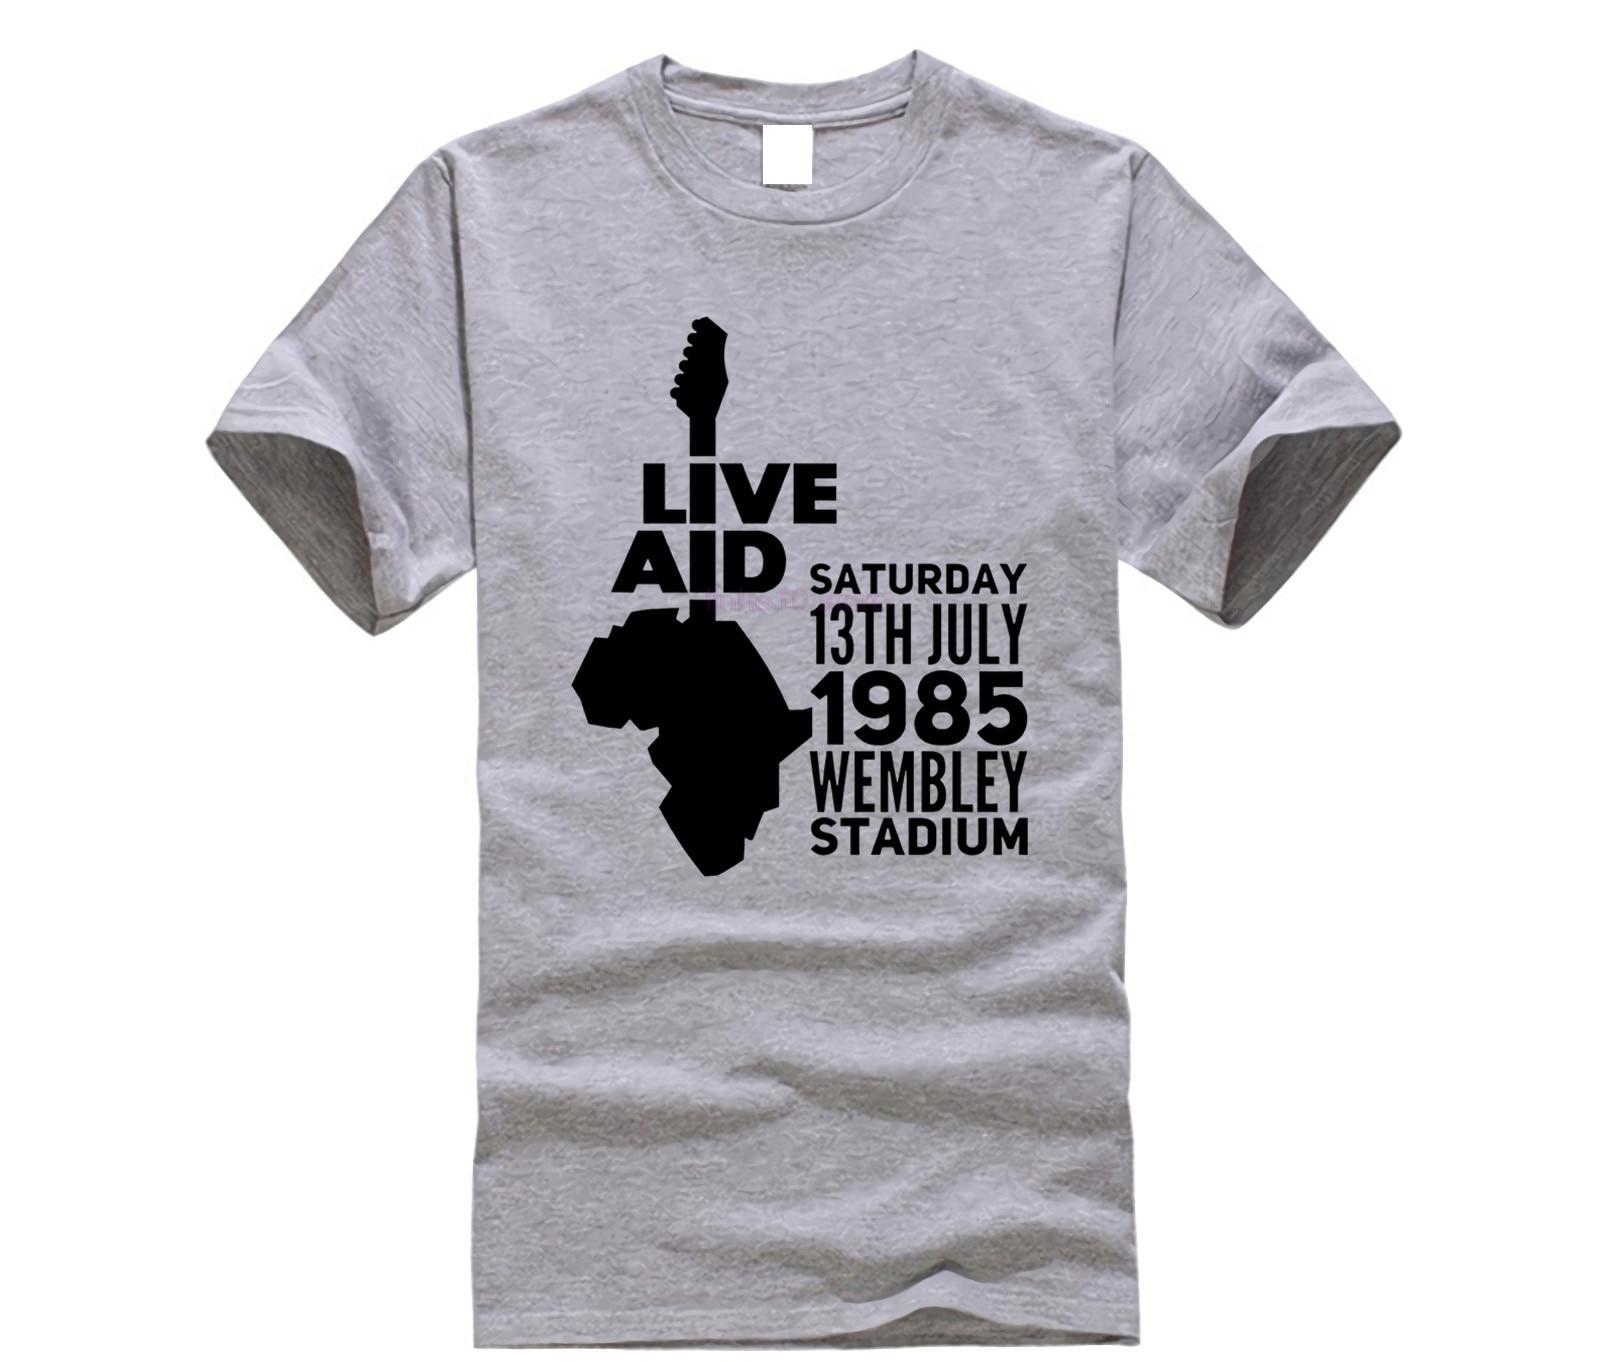 HOT RARE Freddie Mercury Queen Live Aid 1985 Bohemian Rhapsody T Shirt  S-5XL